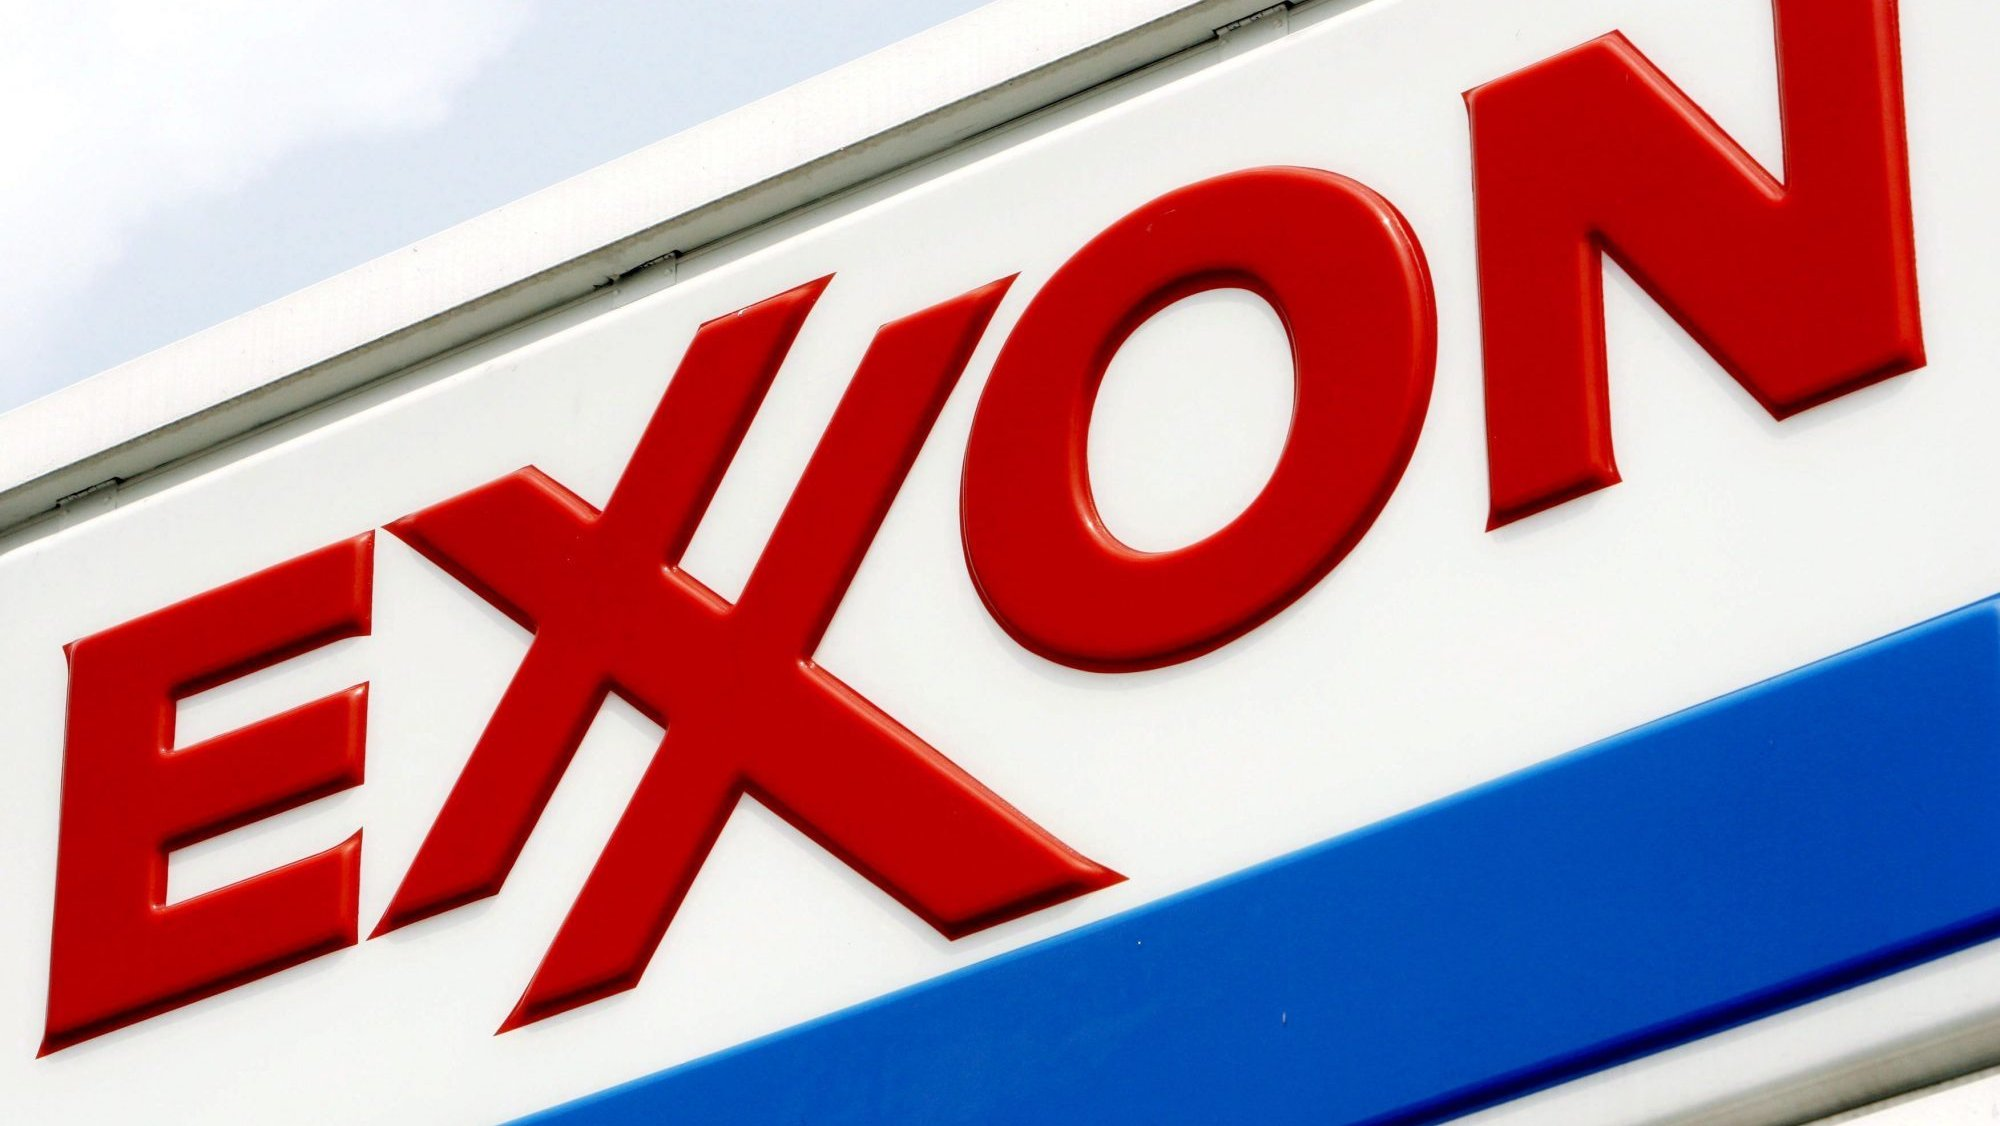 ExxonMobil - imagem genérica do logotipo